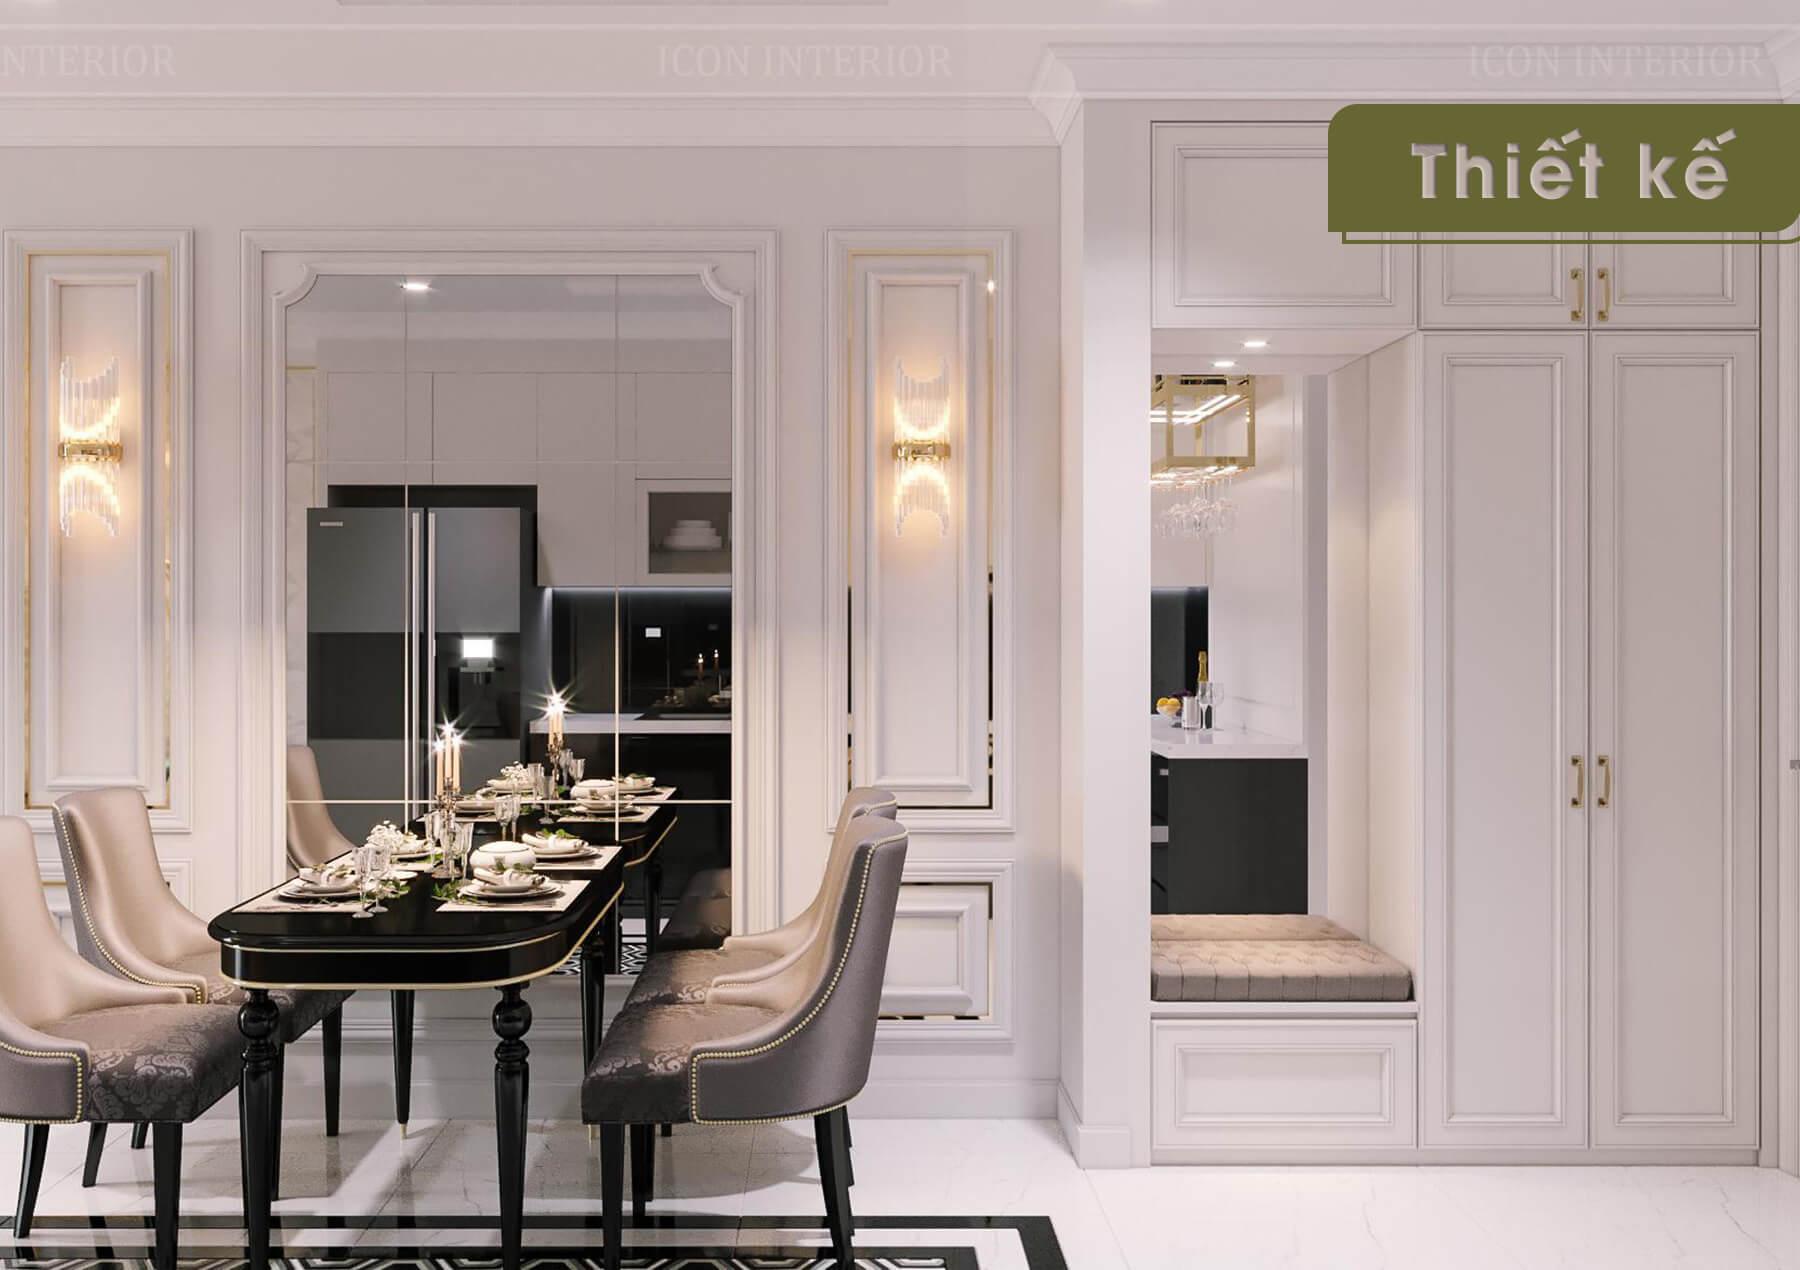 Thiết kế nội thất 3D Landmark 2 - bàn ghế ăn